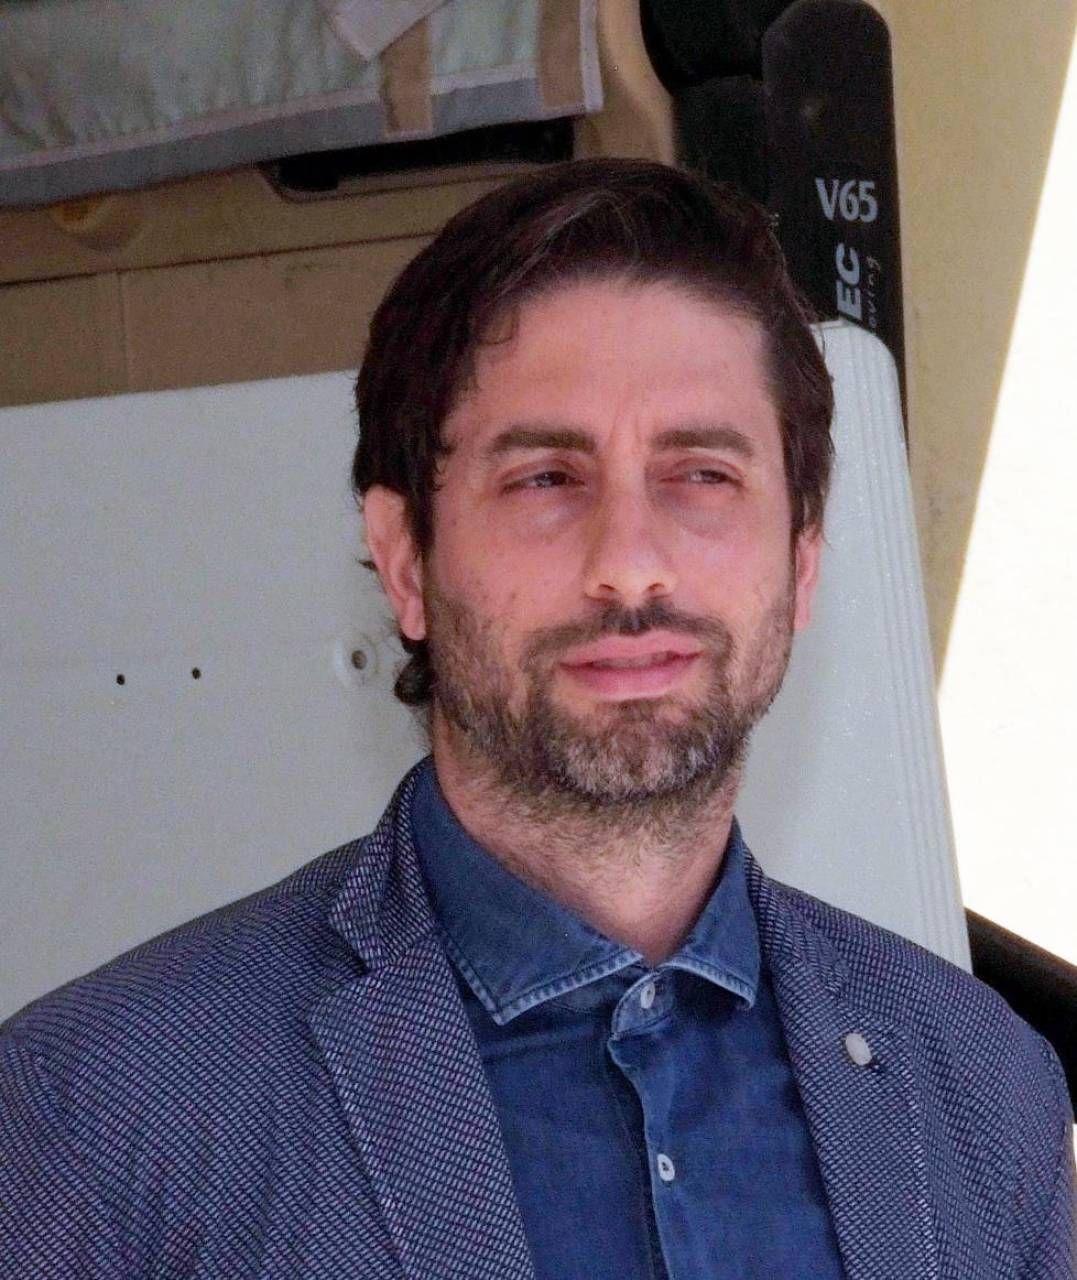 L'assessore comunale ai lavori pubblici Francesco Pellegrini ha spiegato i dettagli del finanziamento